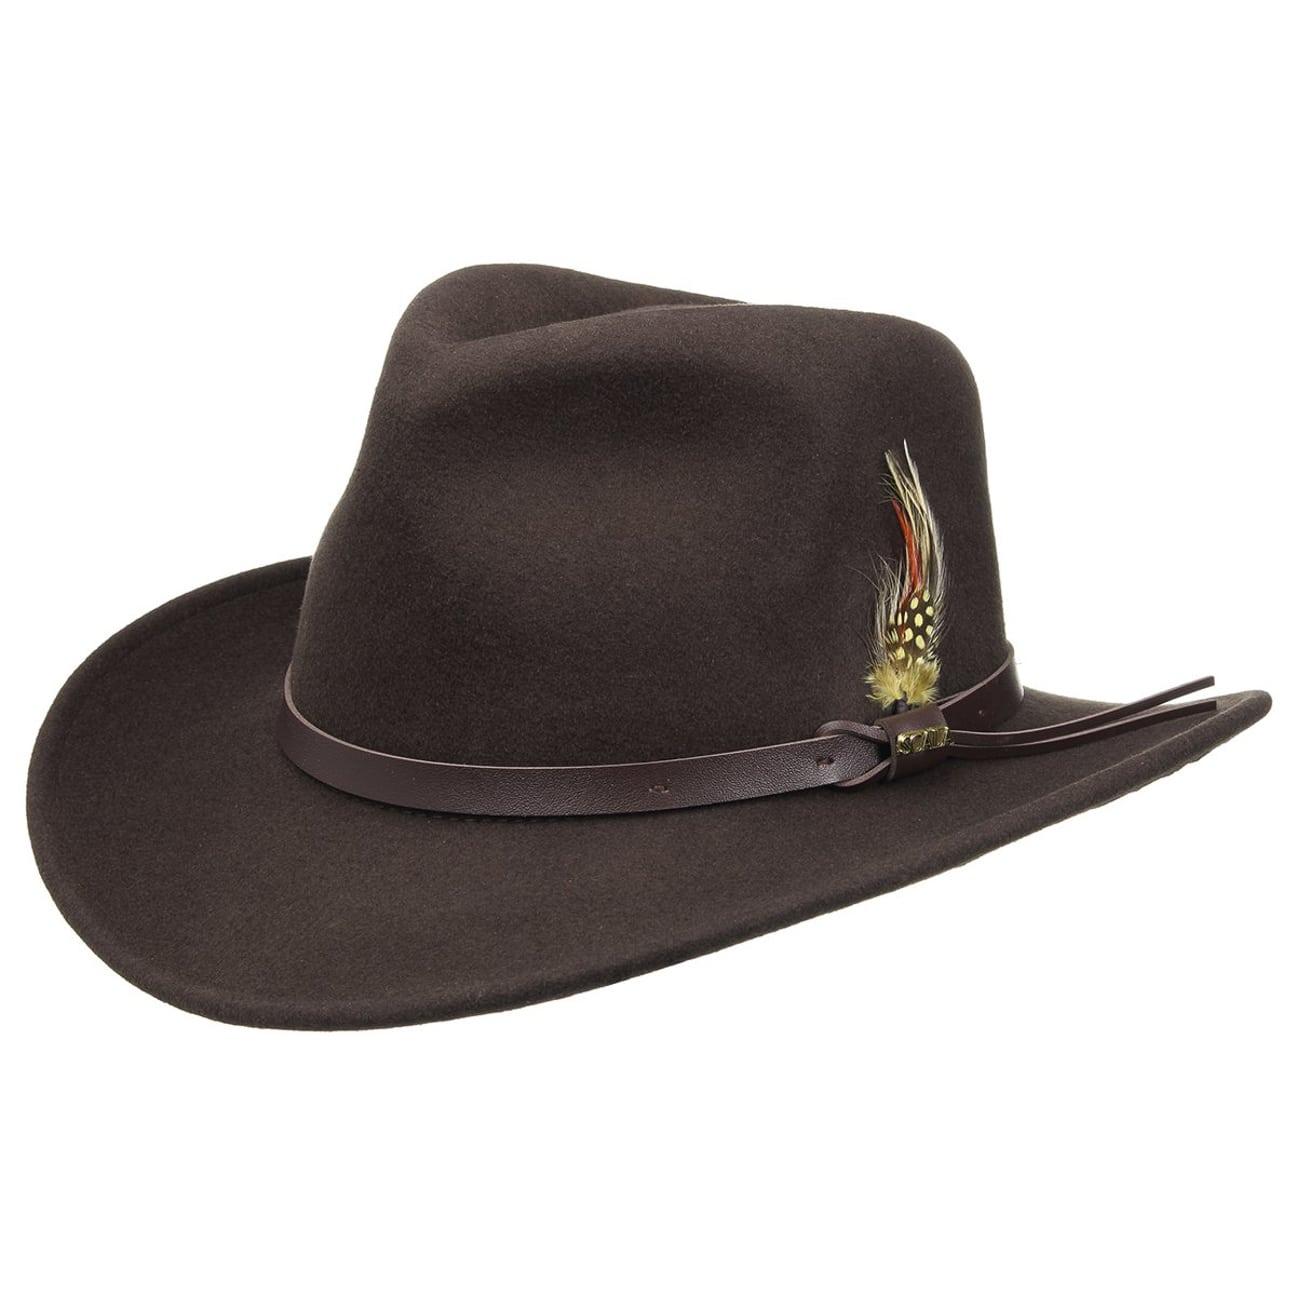 34c0a0486b4bc Sombrero Outback Western - Sombreros - sombreroshop.es